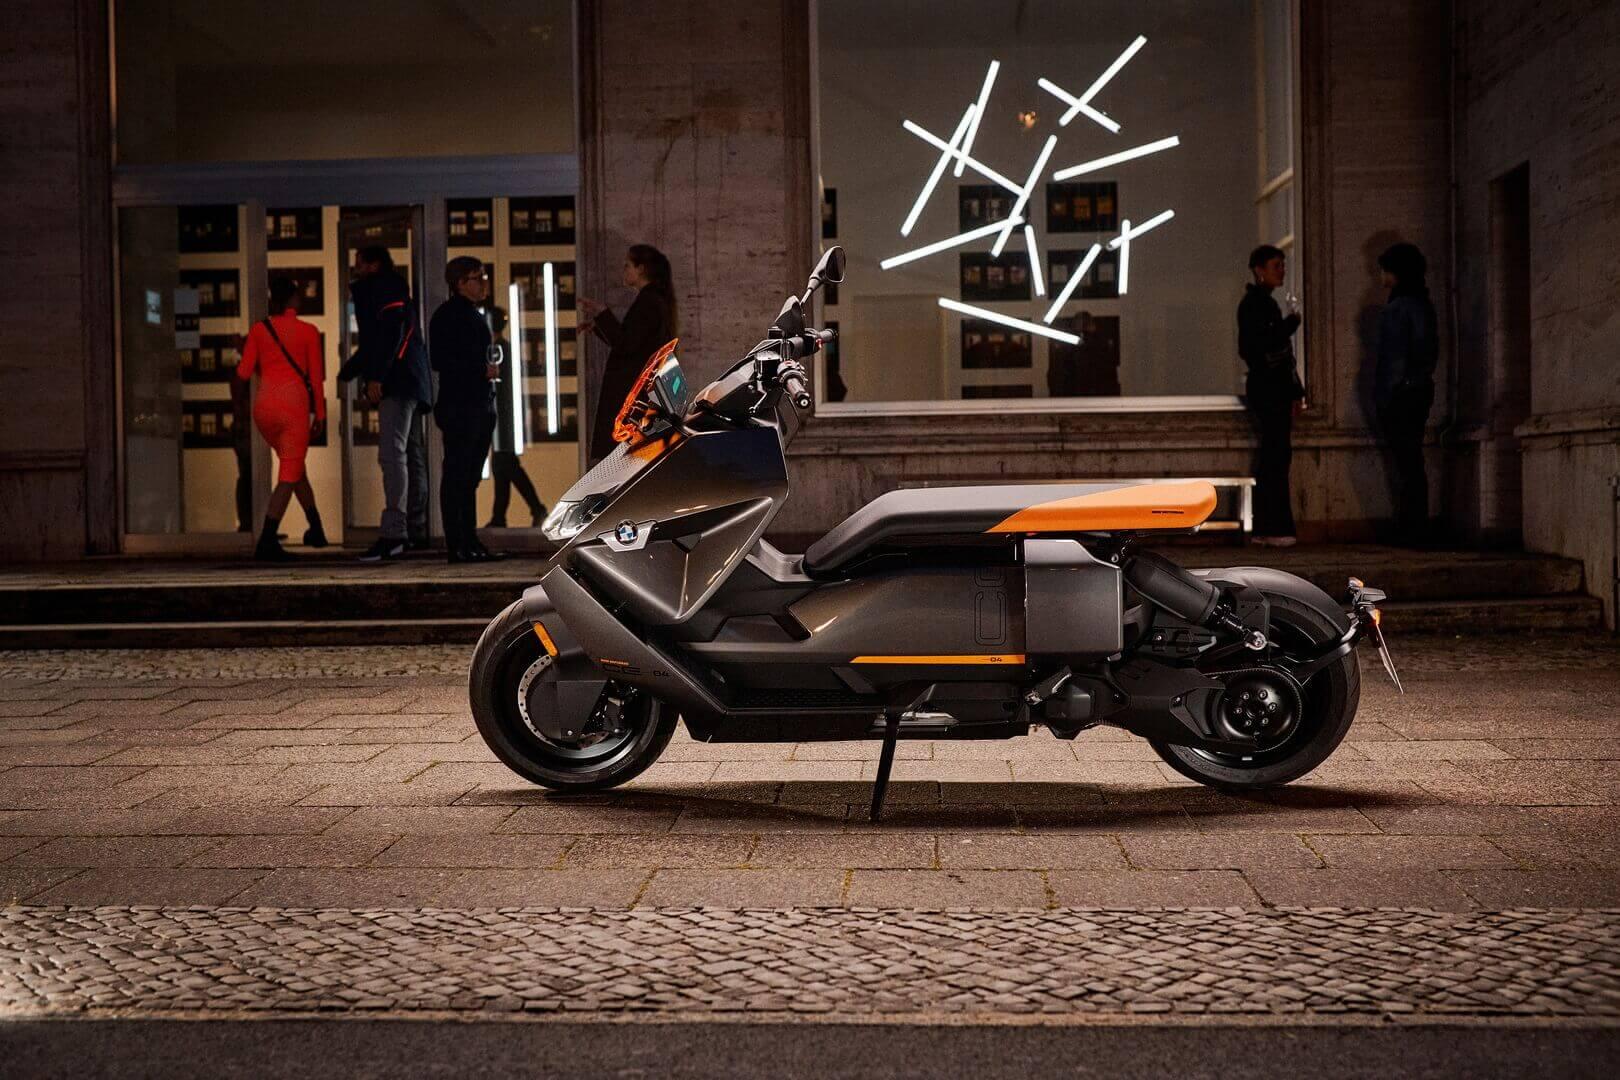 BMW представляет электрический городской скутер CE 04, который разгоняется до 120 км/ч и имеет запас хода около 130 км